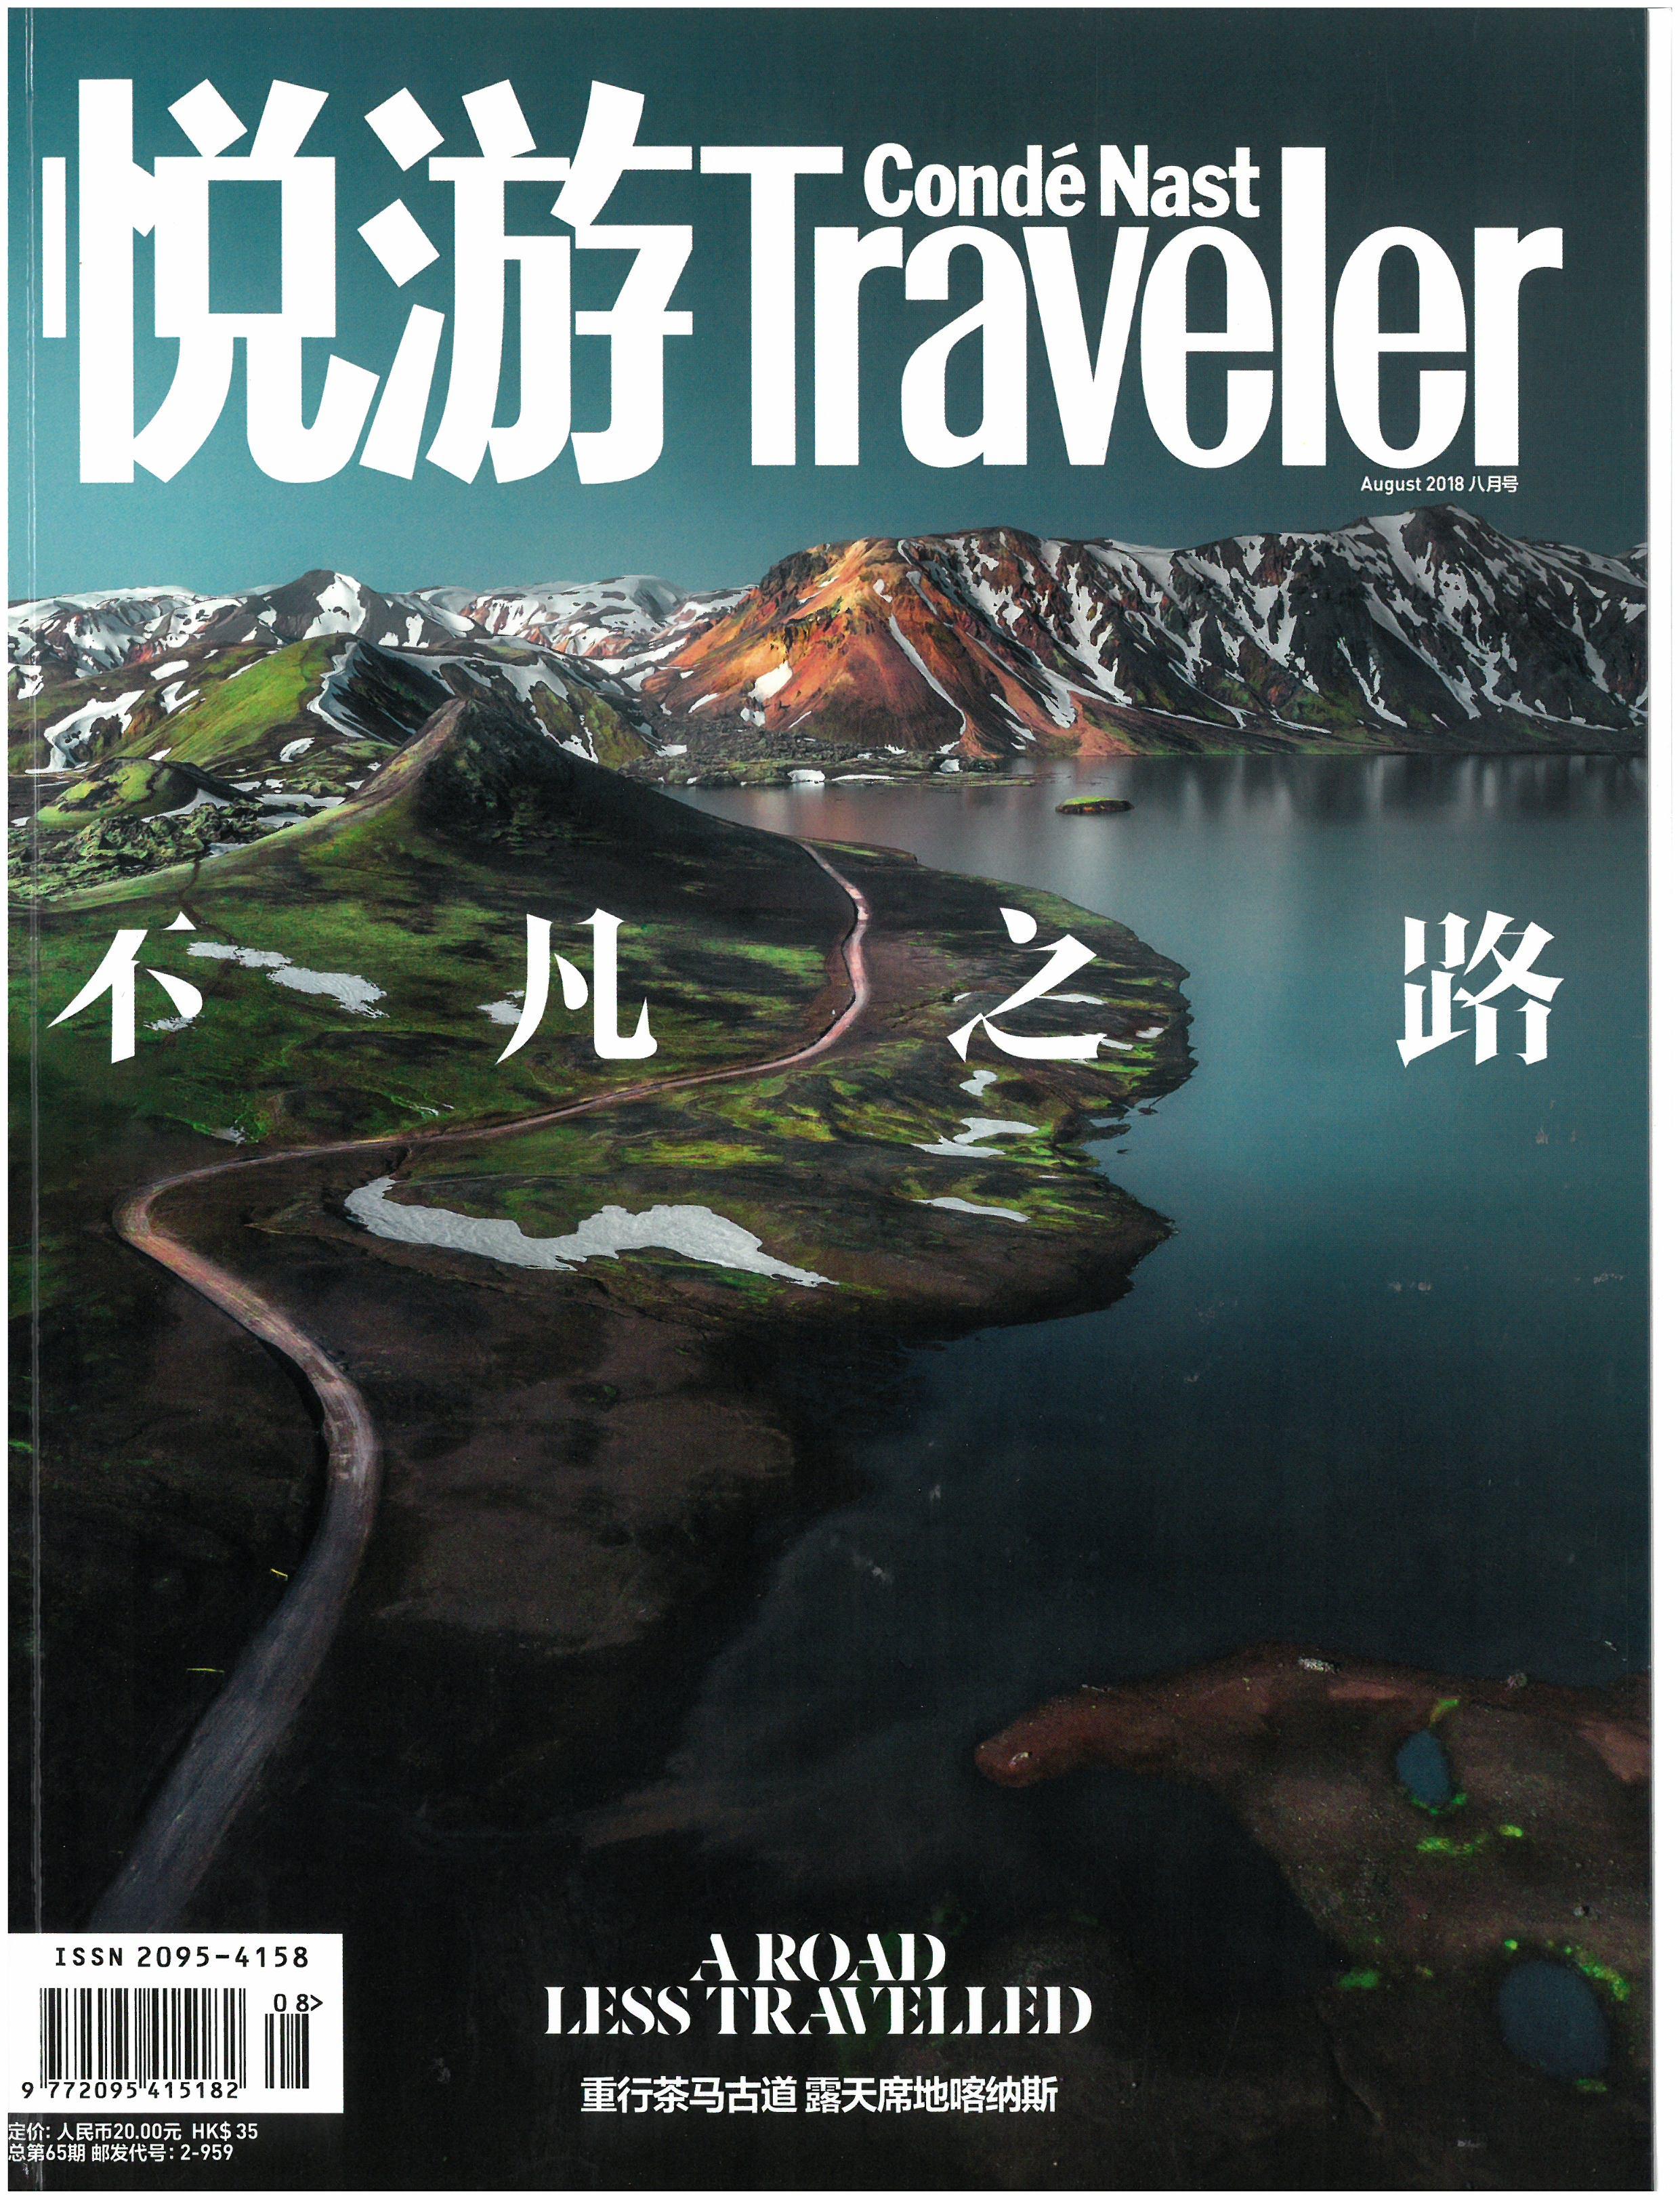 CNT_China_08-18.jpg